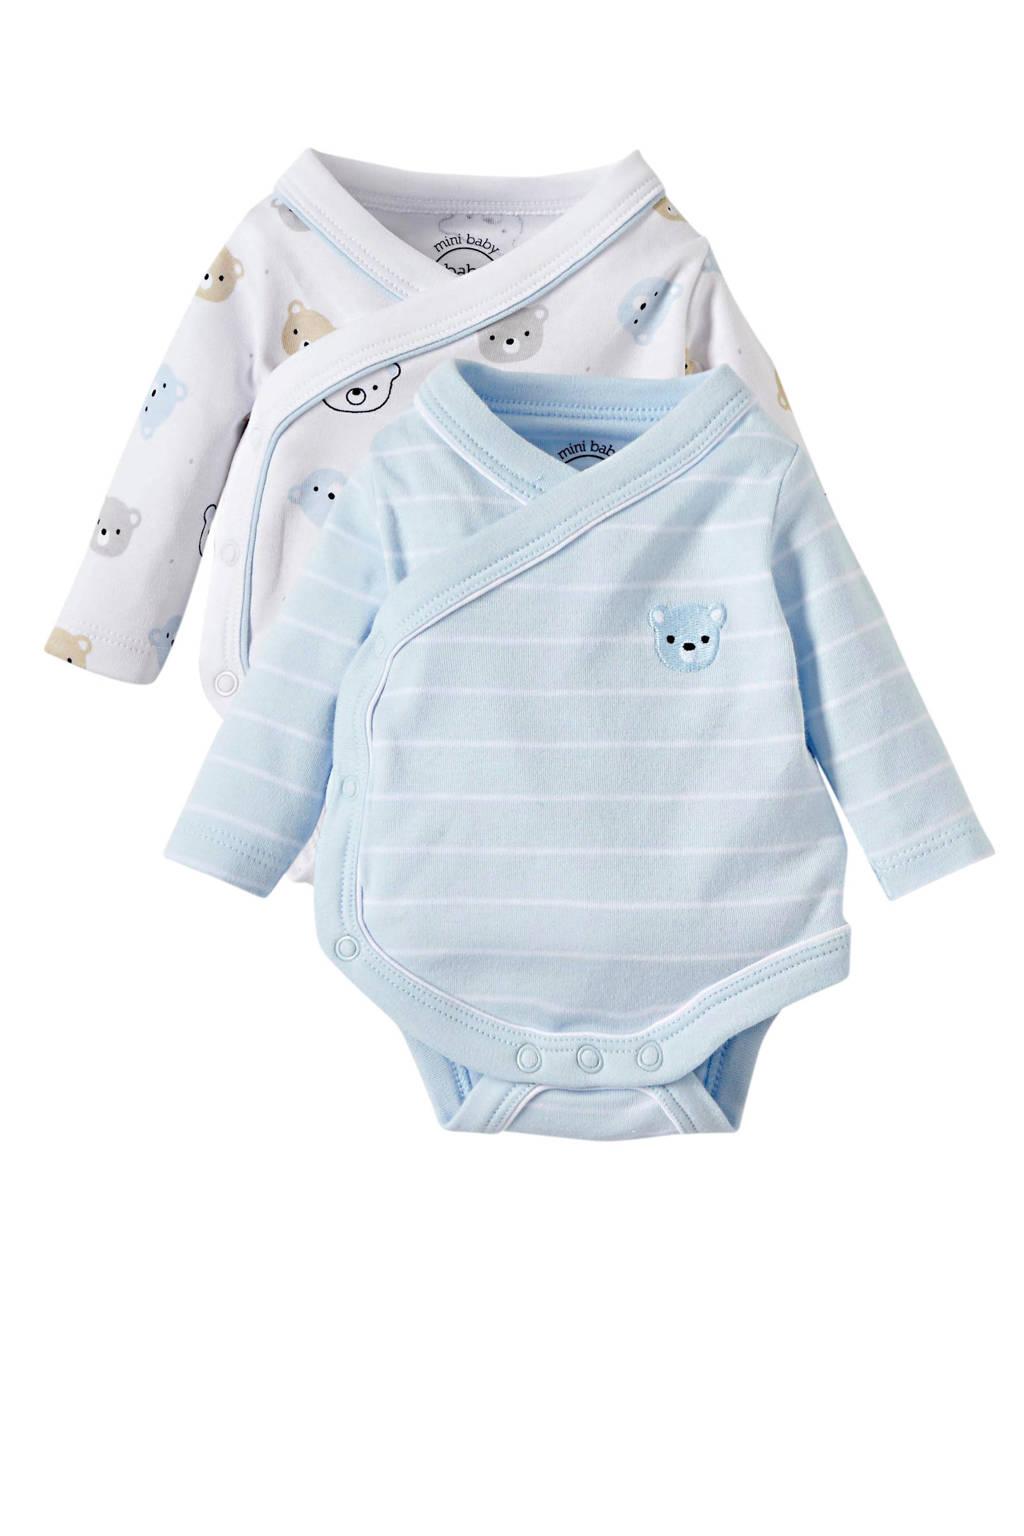 C&A Baby Club newborn romper met all over print - set van 2 lichtblauw, Lichtblauw